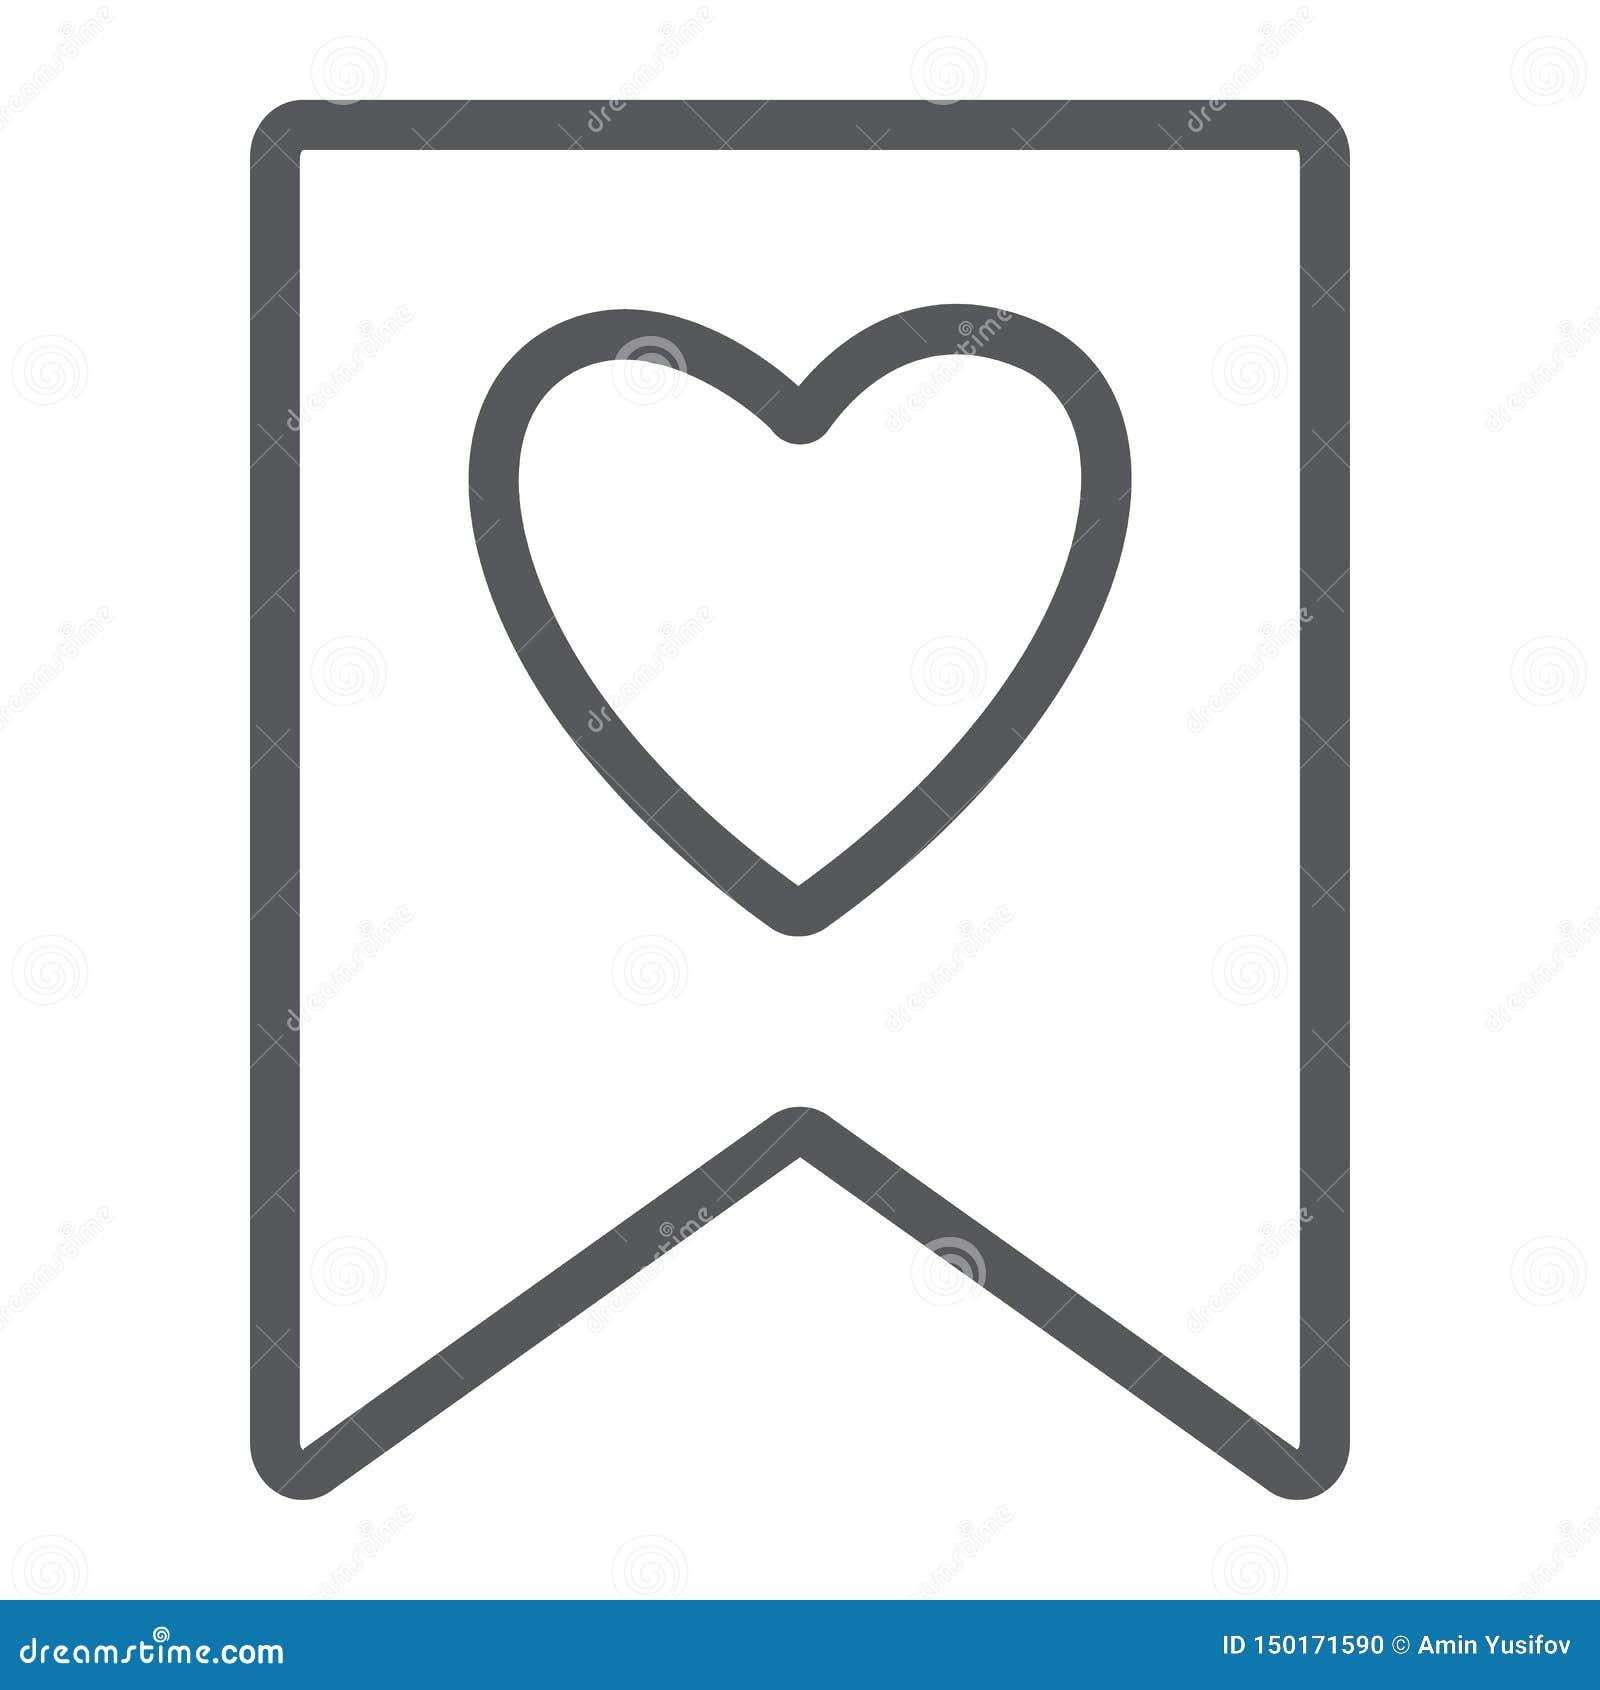 Αγαπημένο εικονίδιο γραμμών, σημάδι και αγαπημένος, σελιδοδείκτης με το σημάδι καρδιών, διανυσματική γραφική παράσταση, ένα γραμμ